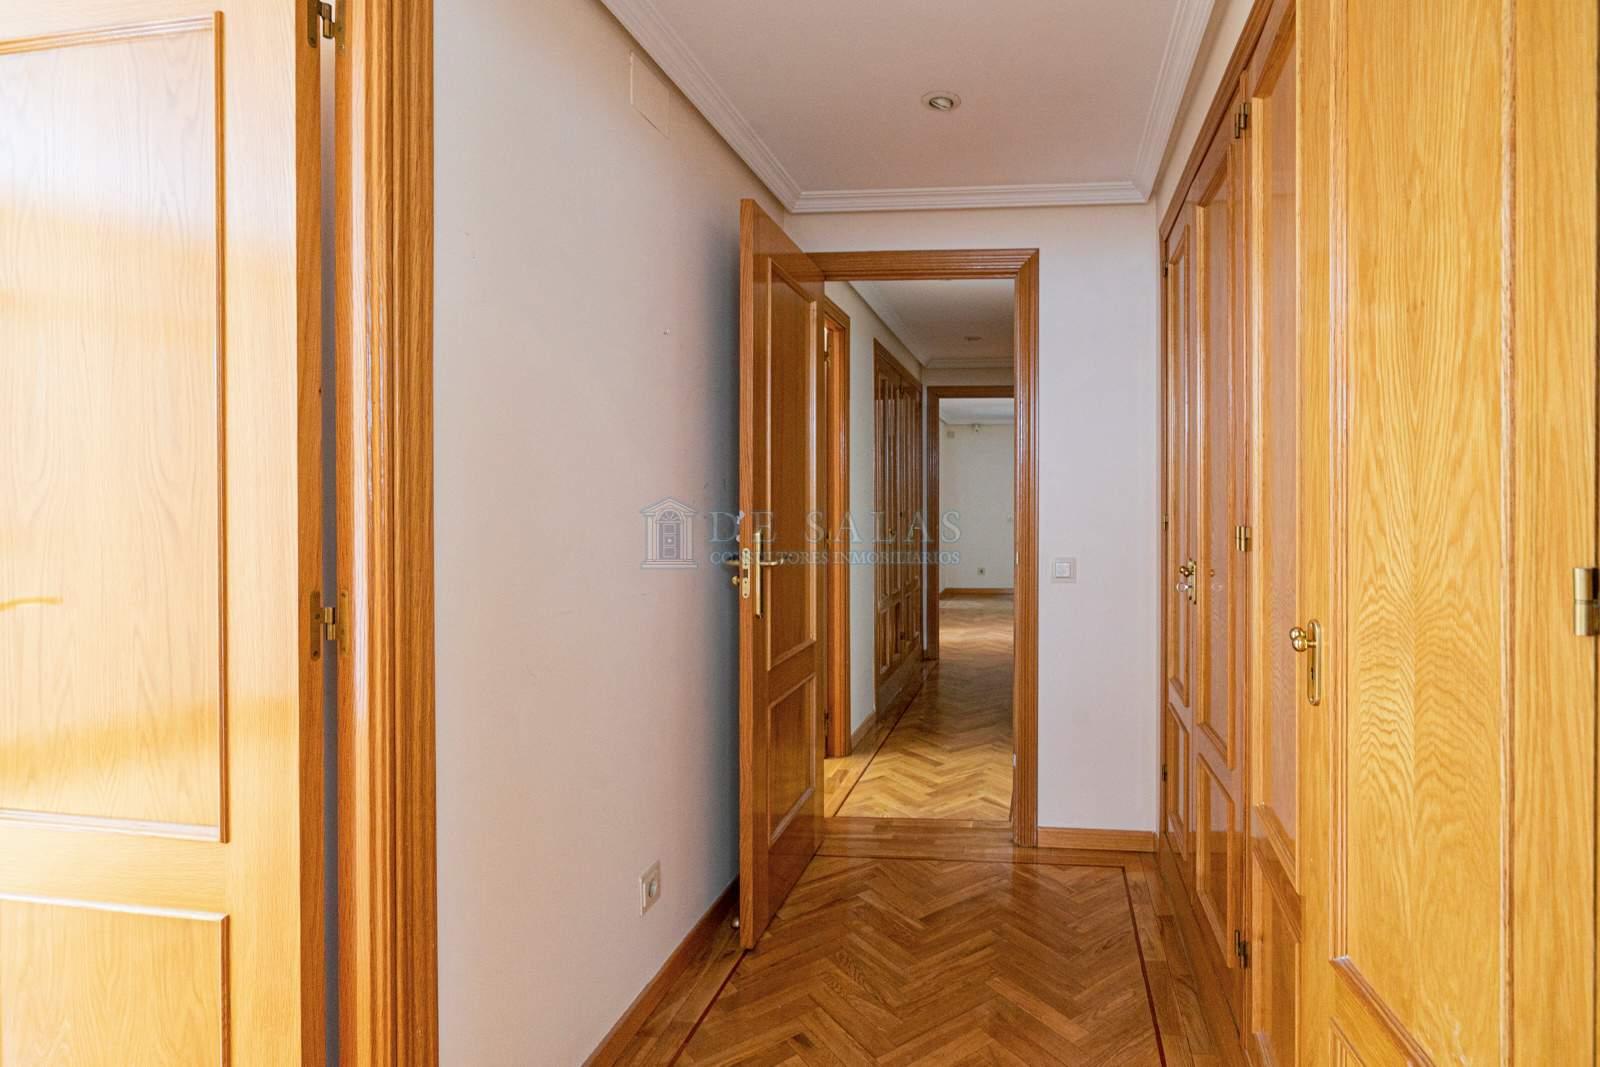 Dormitorio-0015 Appartement El Encinar de los Reyes